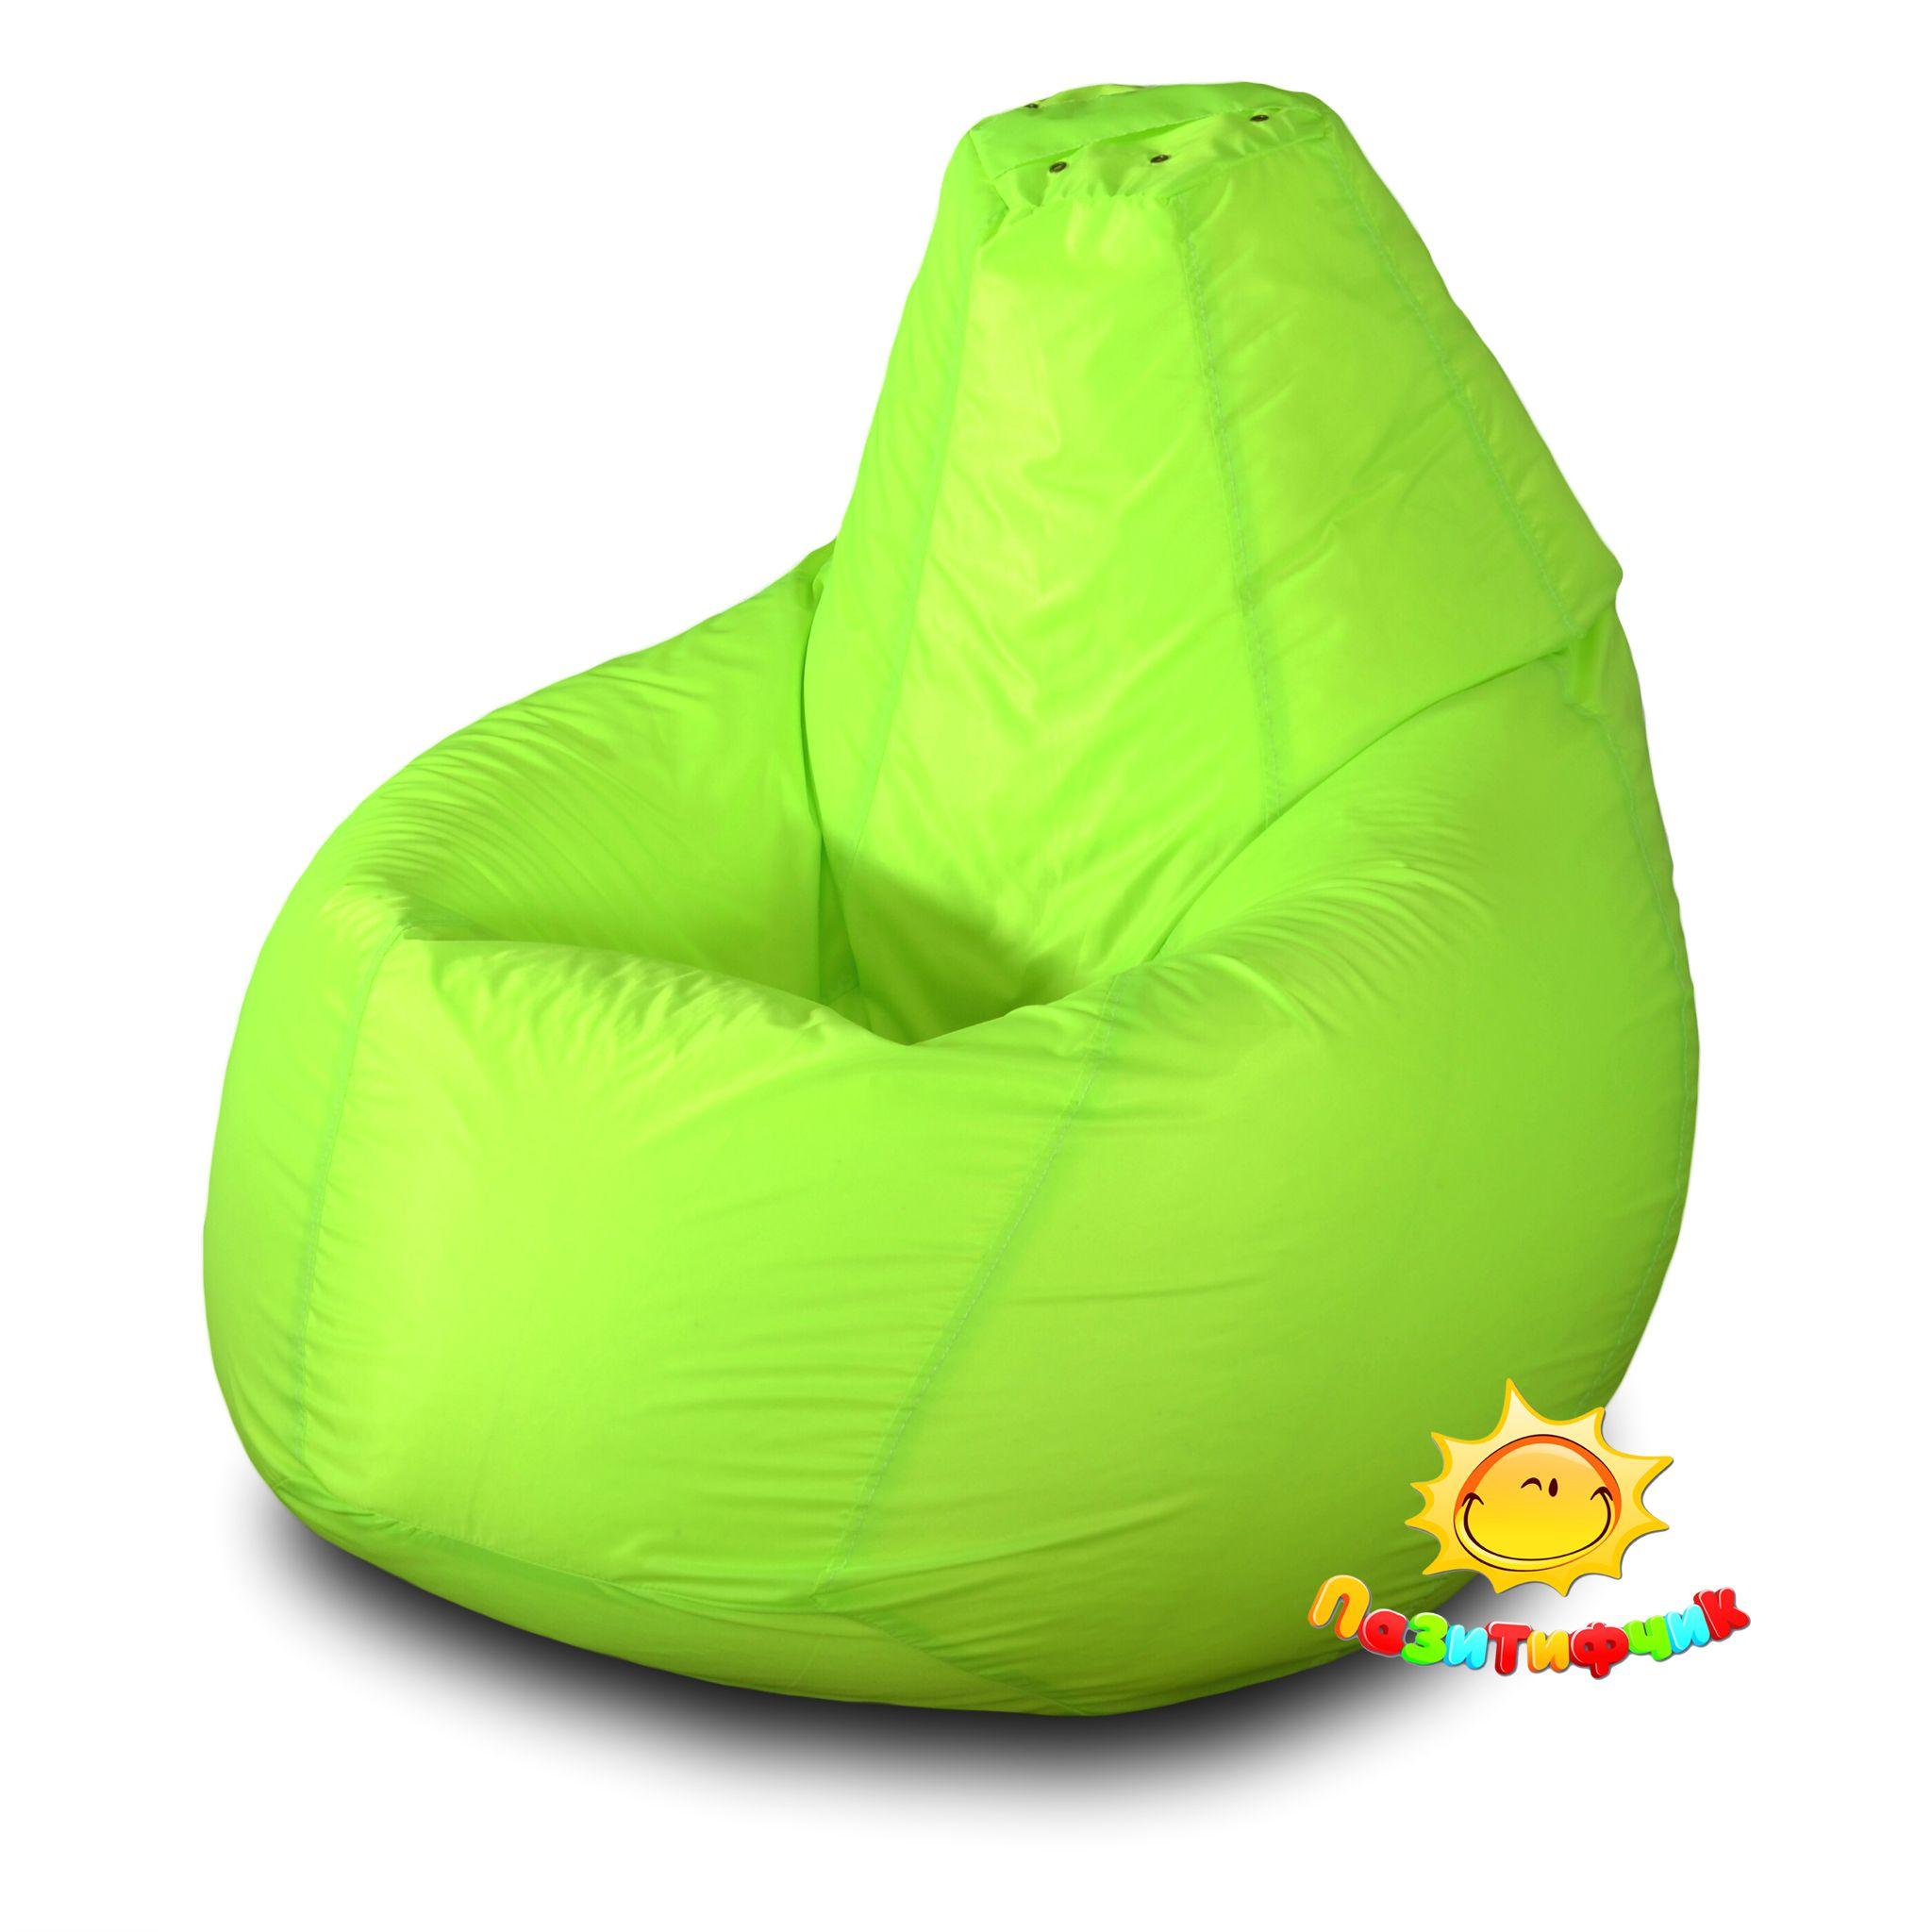 Кресло-мешок Pazitif Груша Пазитифчик Оксфорд, размер XL, оксфорд, лимонный фото